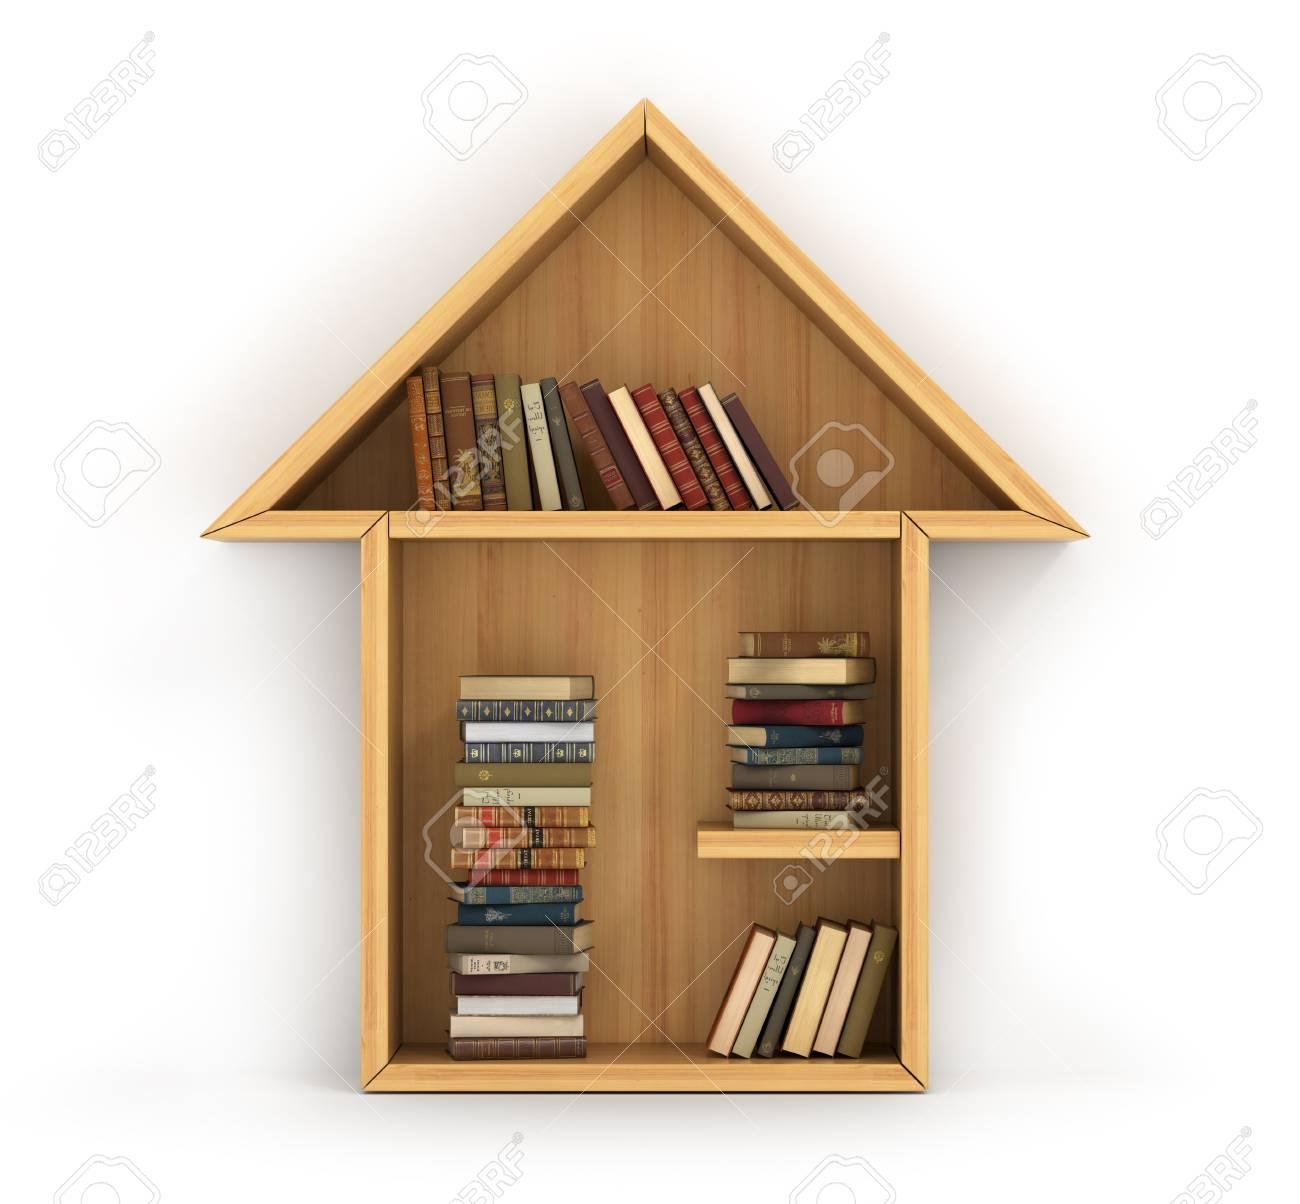 Concept De Formation Etagere En Bois Pleine De Livres En Forme De Maison La Maison De La Connaissance Devoirs Un Humain A Plus De Connaissances